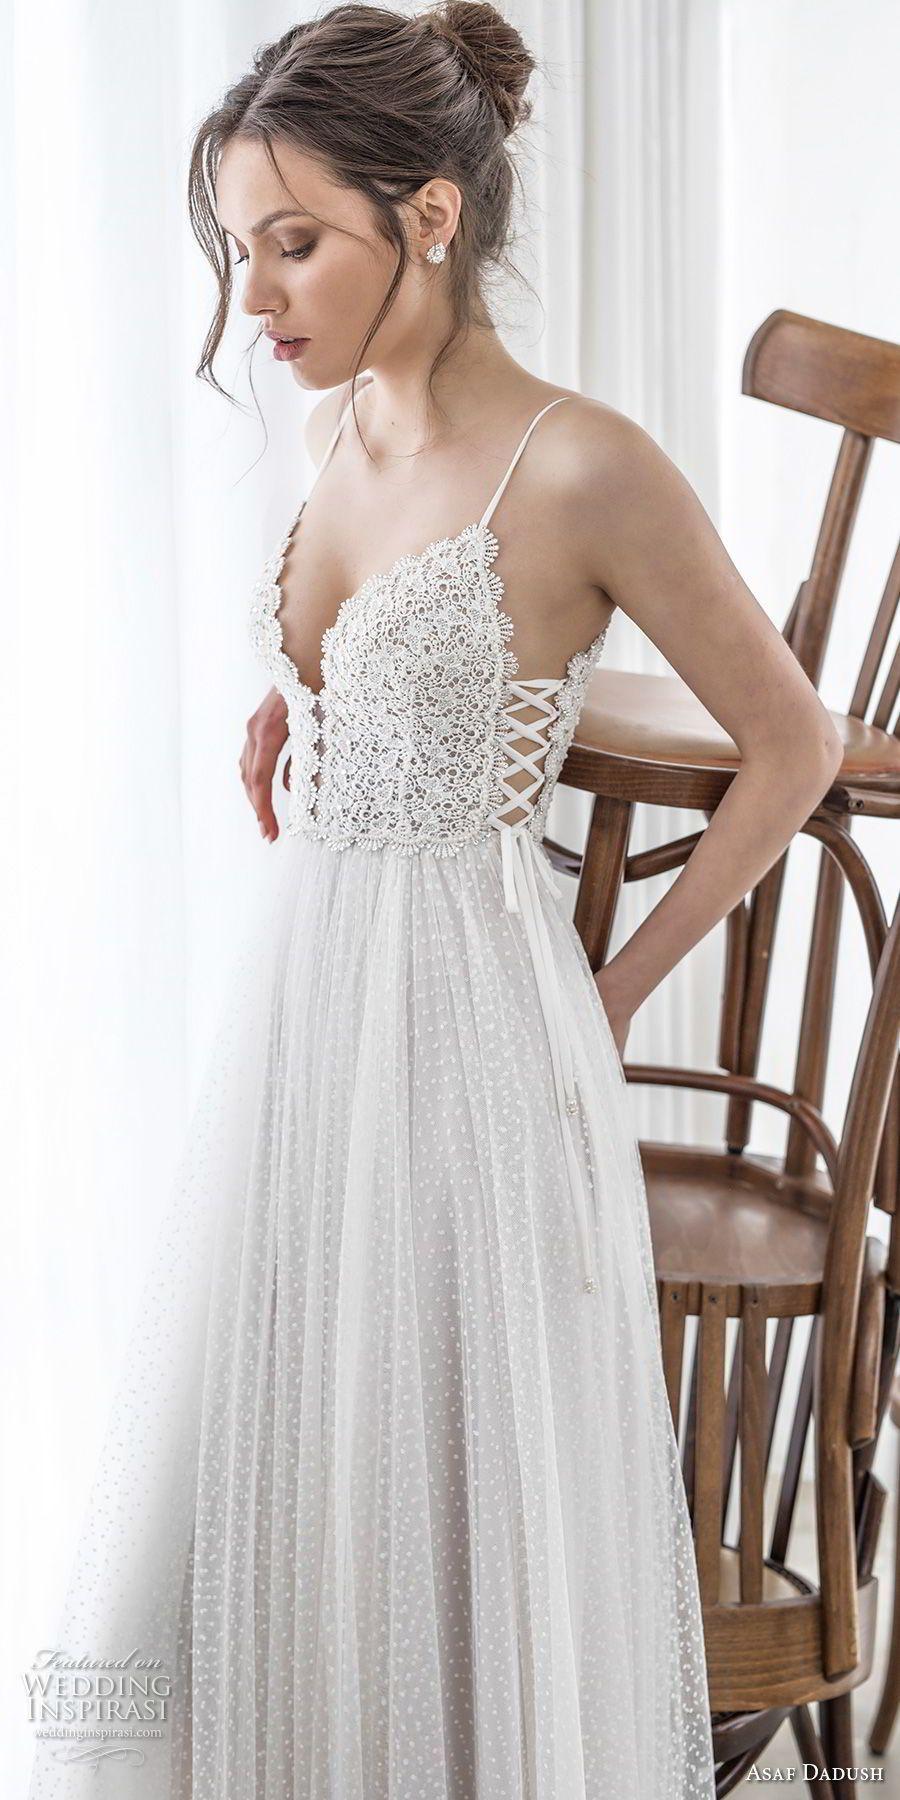 Asaf Dadush 2017 Wedding Dresses | Hochzeitskleider, Hochzeitskleid ...